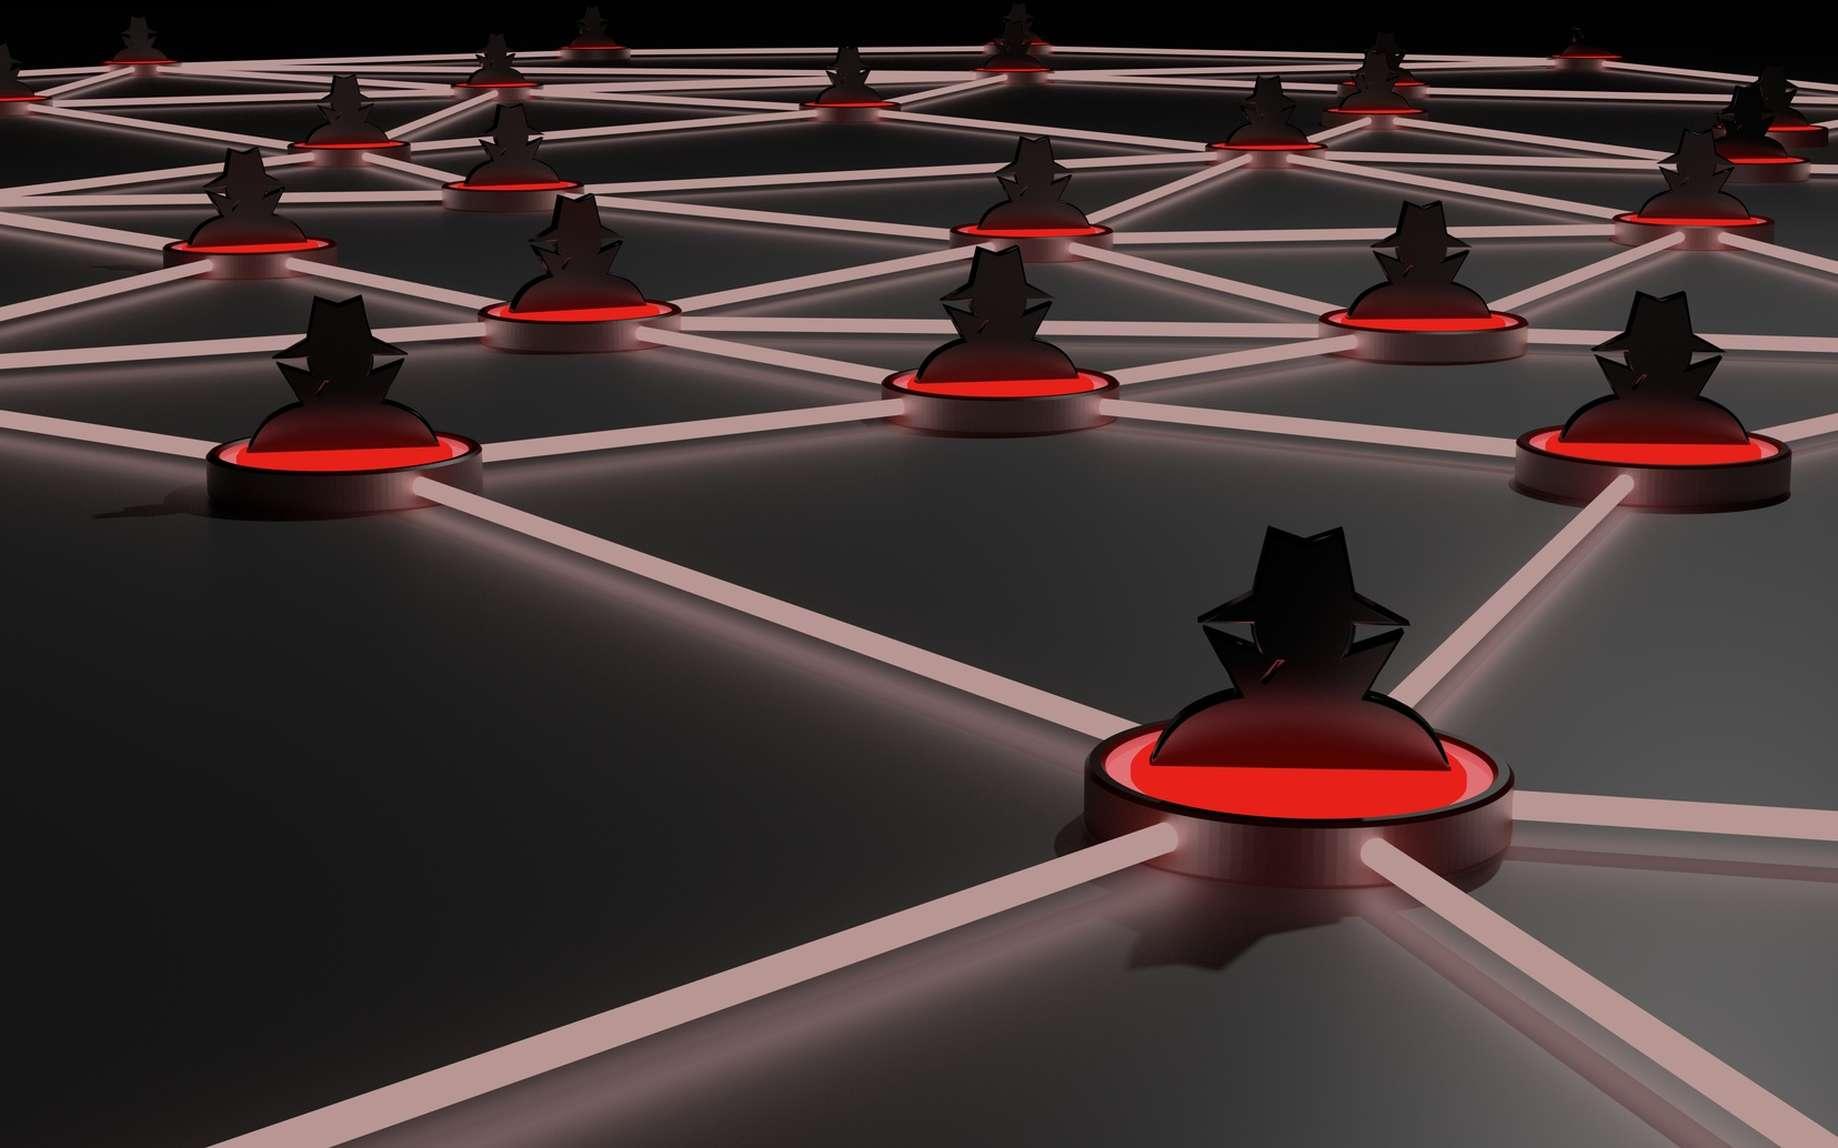 Le malware Skygofree n'est pas un logiciel malveillant classique, mais un véritable outil d'espionnage. © Beebright, Fotolia